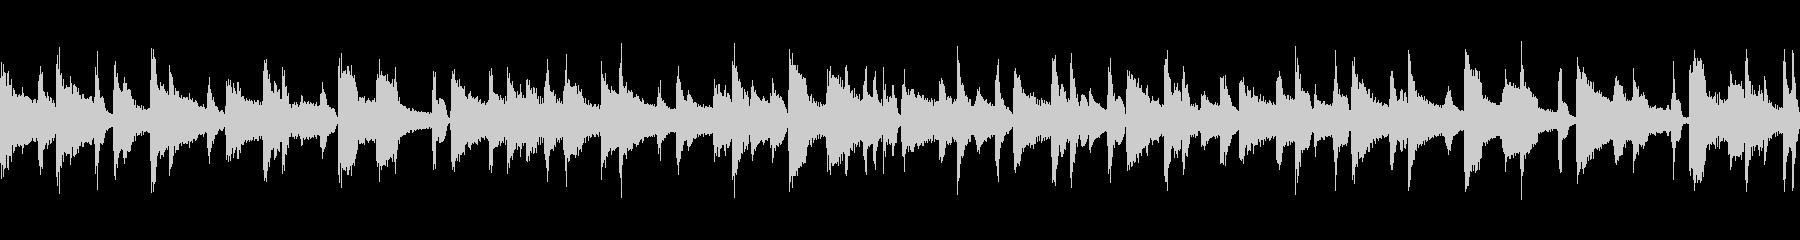 ジャズ ピアノバラード ループの未再生の波形